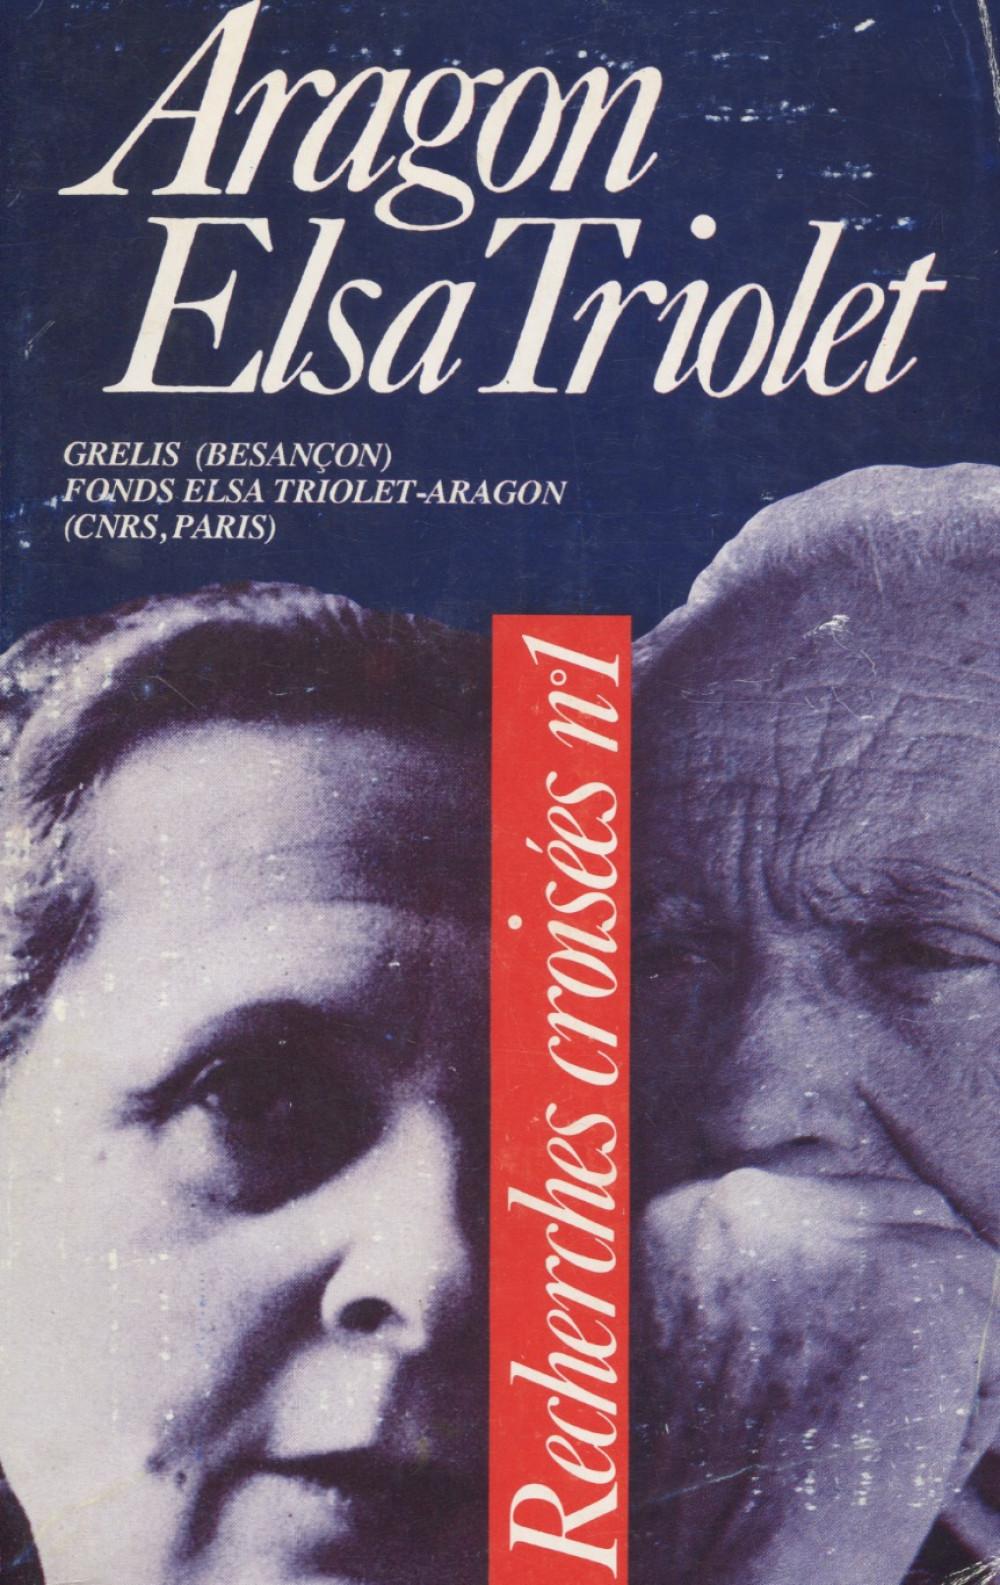 Recherches croisées n°1 : Aragon / Elsa Triolet